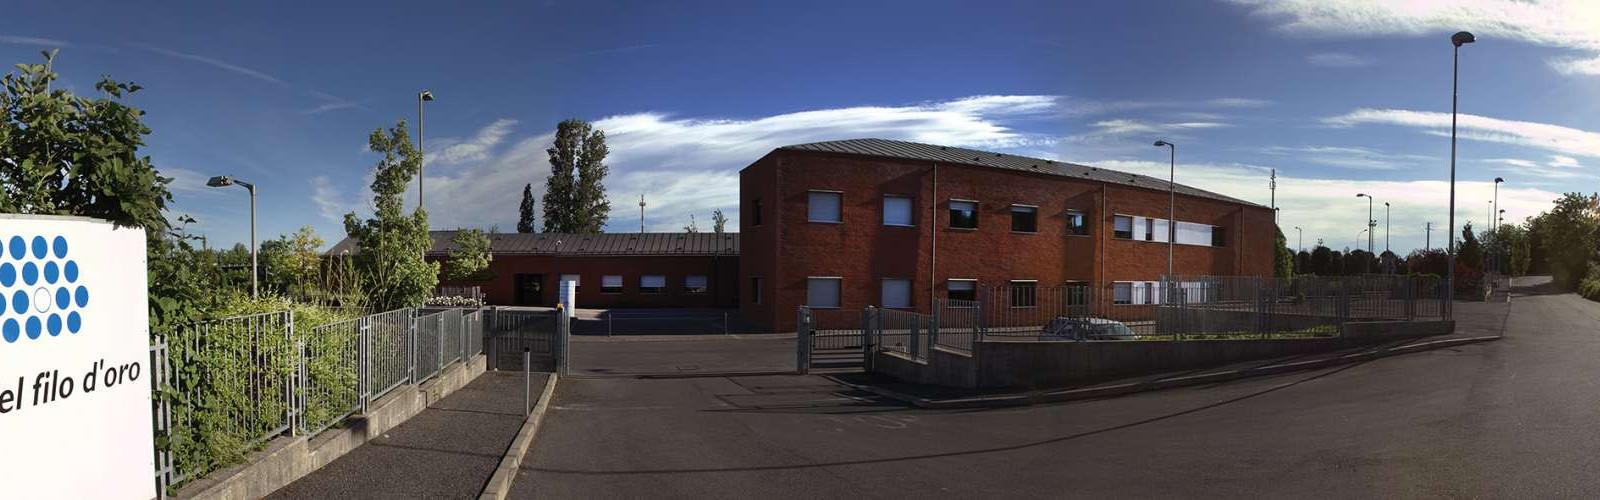 Foto a campo largo della Sede di Lesmo. A sinistra il cartello con il logo della Lega del Filo d'Oro e un cancello, mentre centralmente si vede l'edificio principale in mattoni rossi. La strada continua a si allontana sulla destra. Il sole splende nel cielo azzurro, con qualche nuvola.